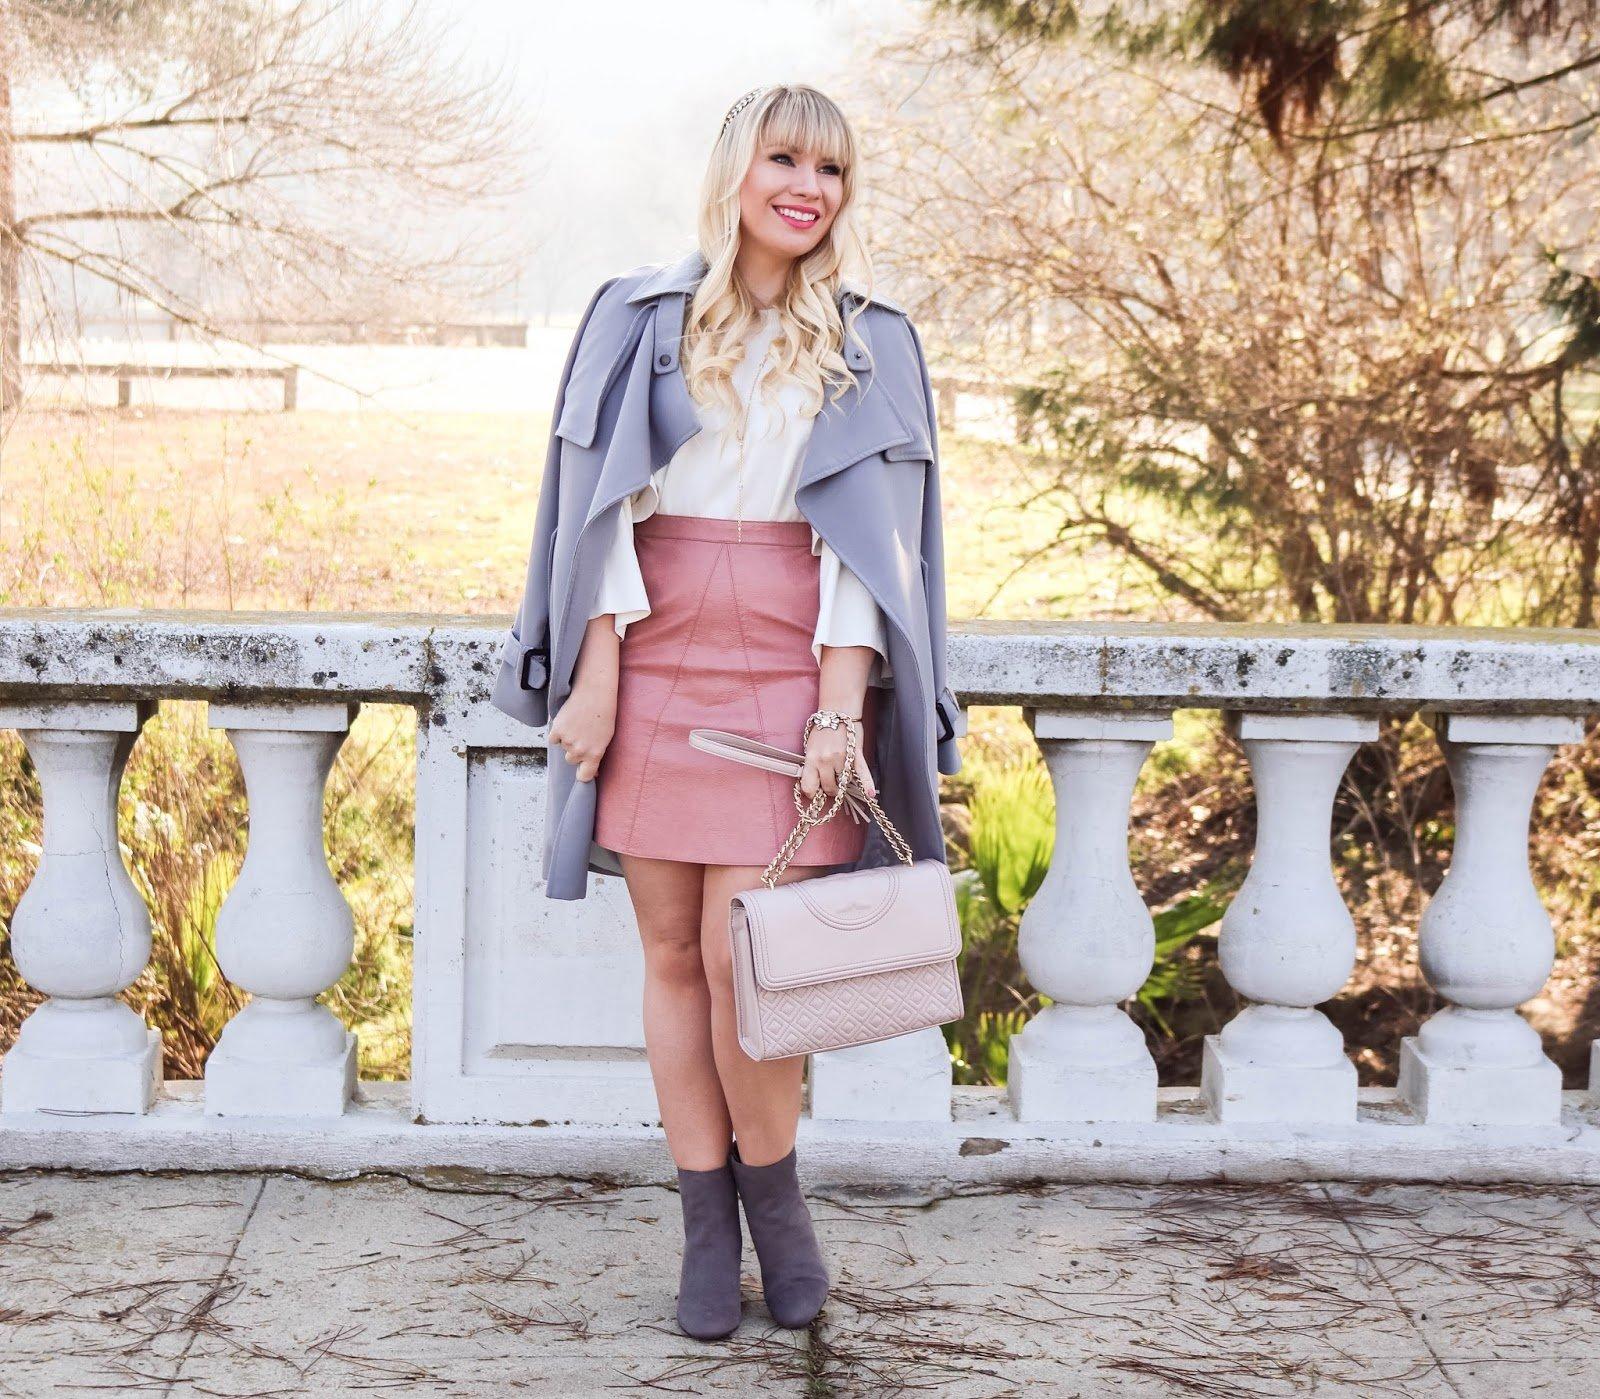 Elizabeth Hugen from Lizzie in Lace wears a grey winter coat